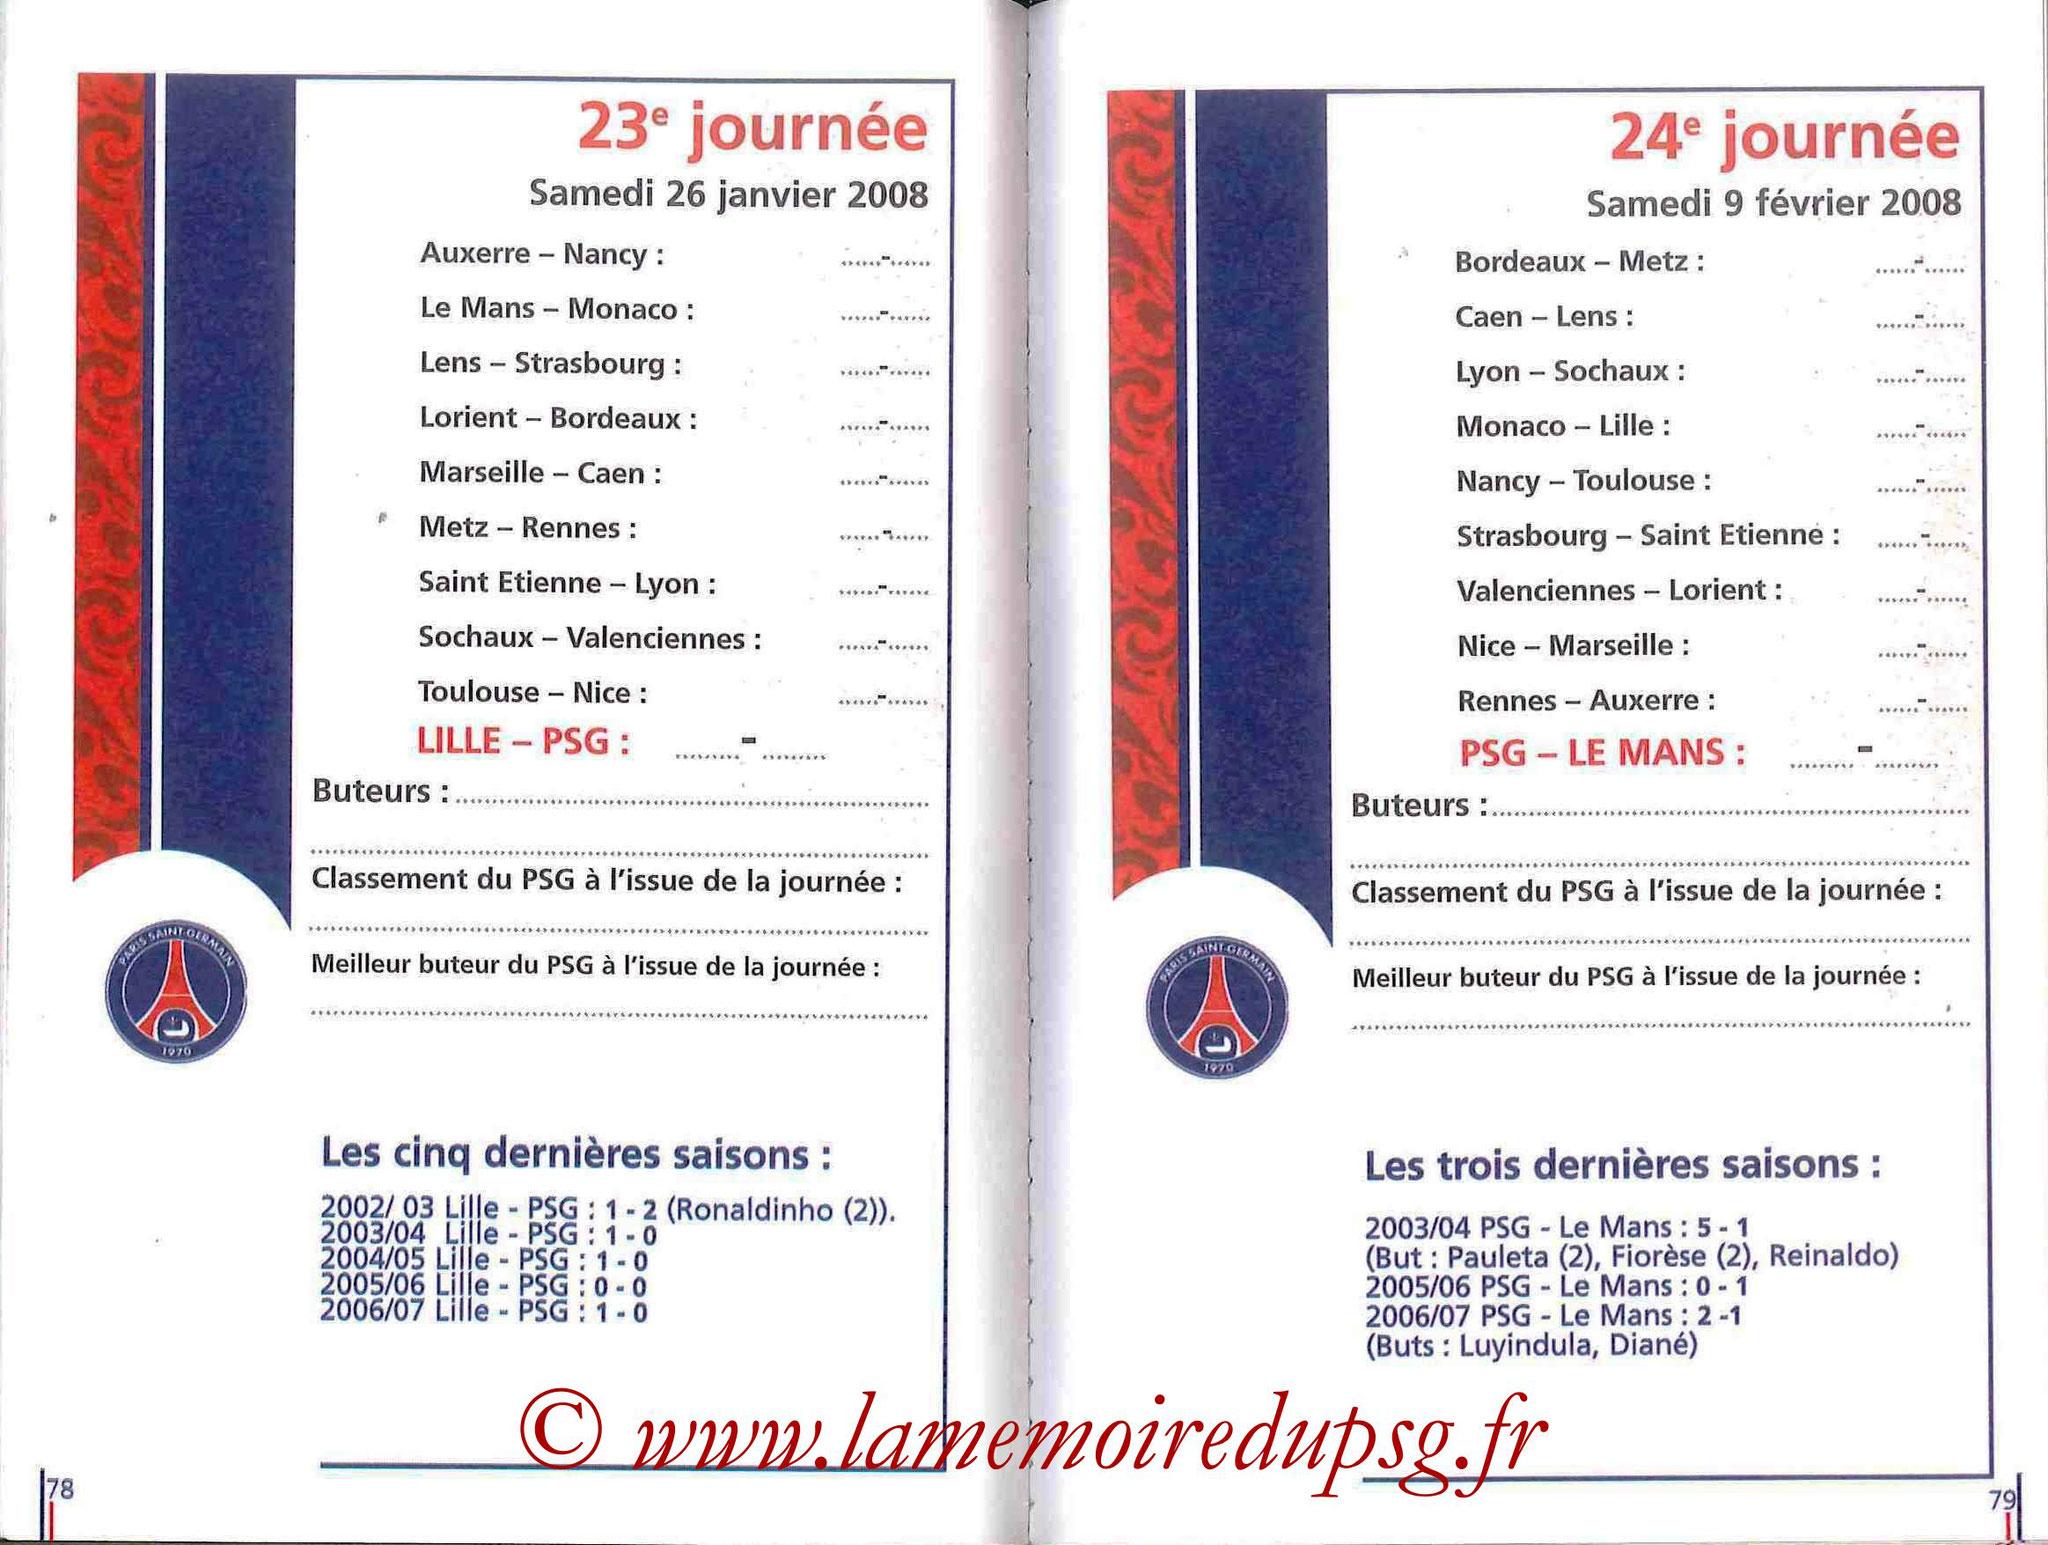 2007-08 - Guide de la Saison PSG - Pages 78 et 79